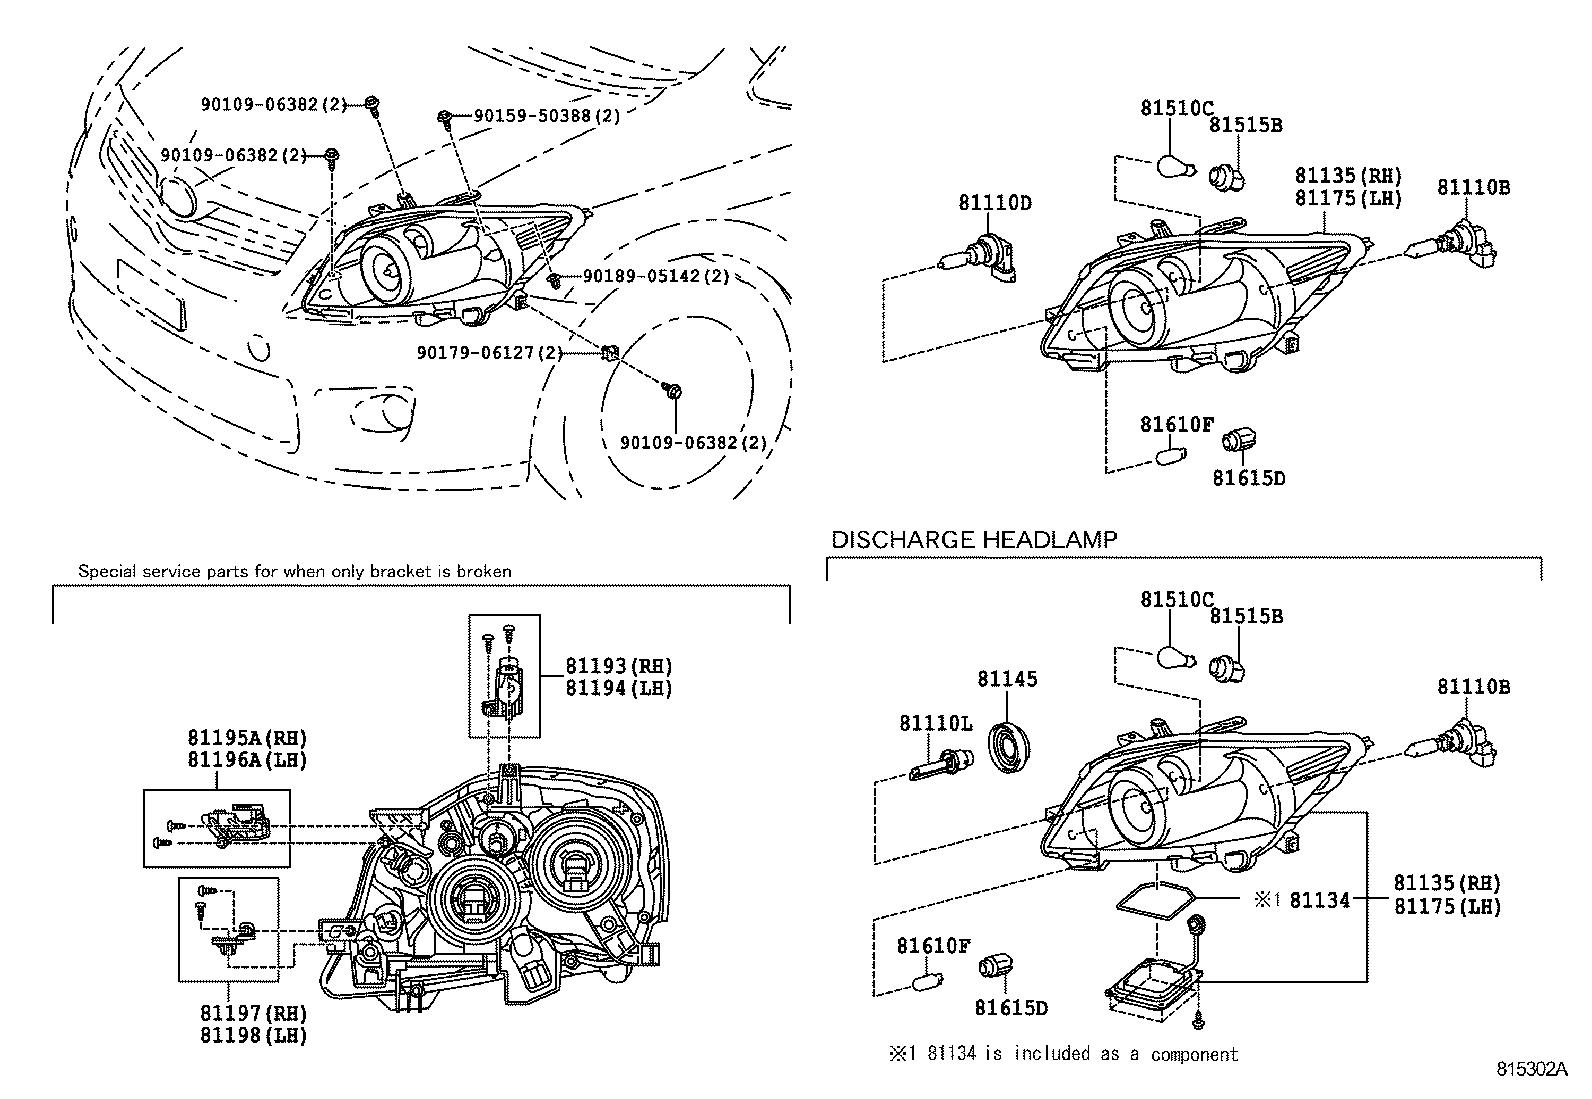 toyota auris wiring diagram vaillant ecotec plus parts for 2010 prius and fuse box